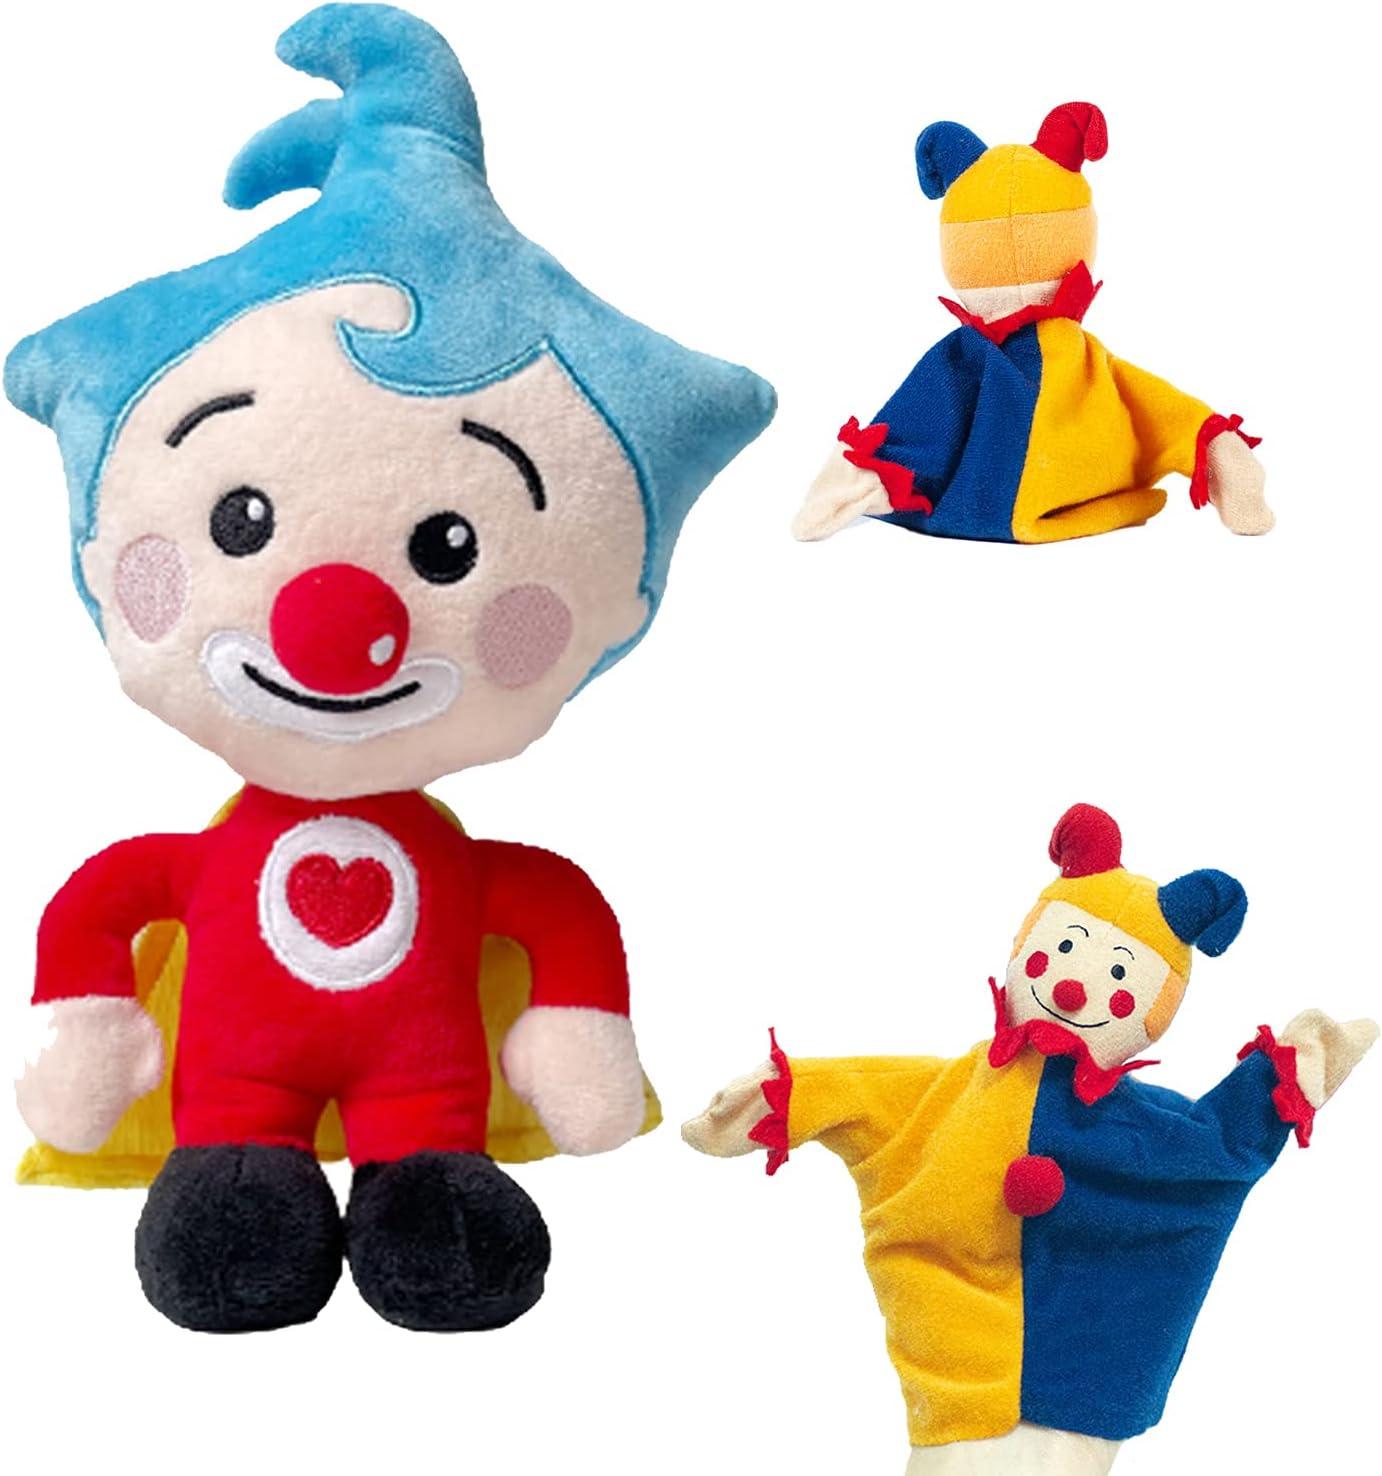 Juguete de payaso Plim Plim de 7.8 '', lindo peluche de animación Plim Plim con una muñeca de marioneta de payaso para niños y niñas